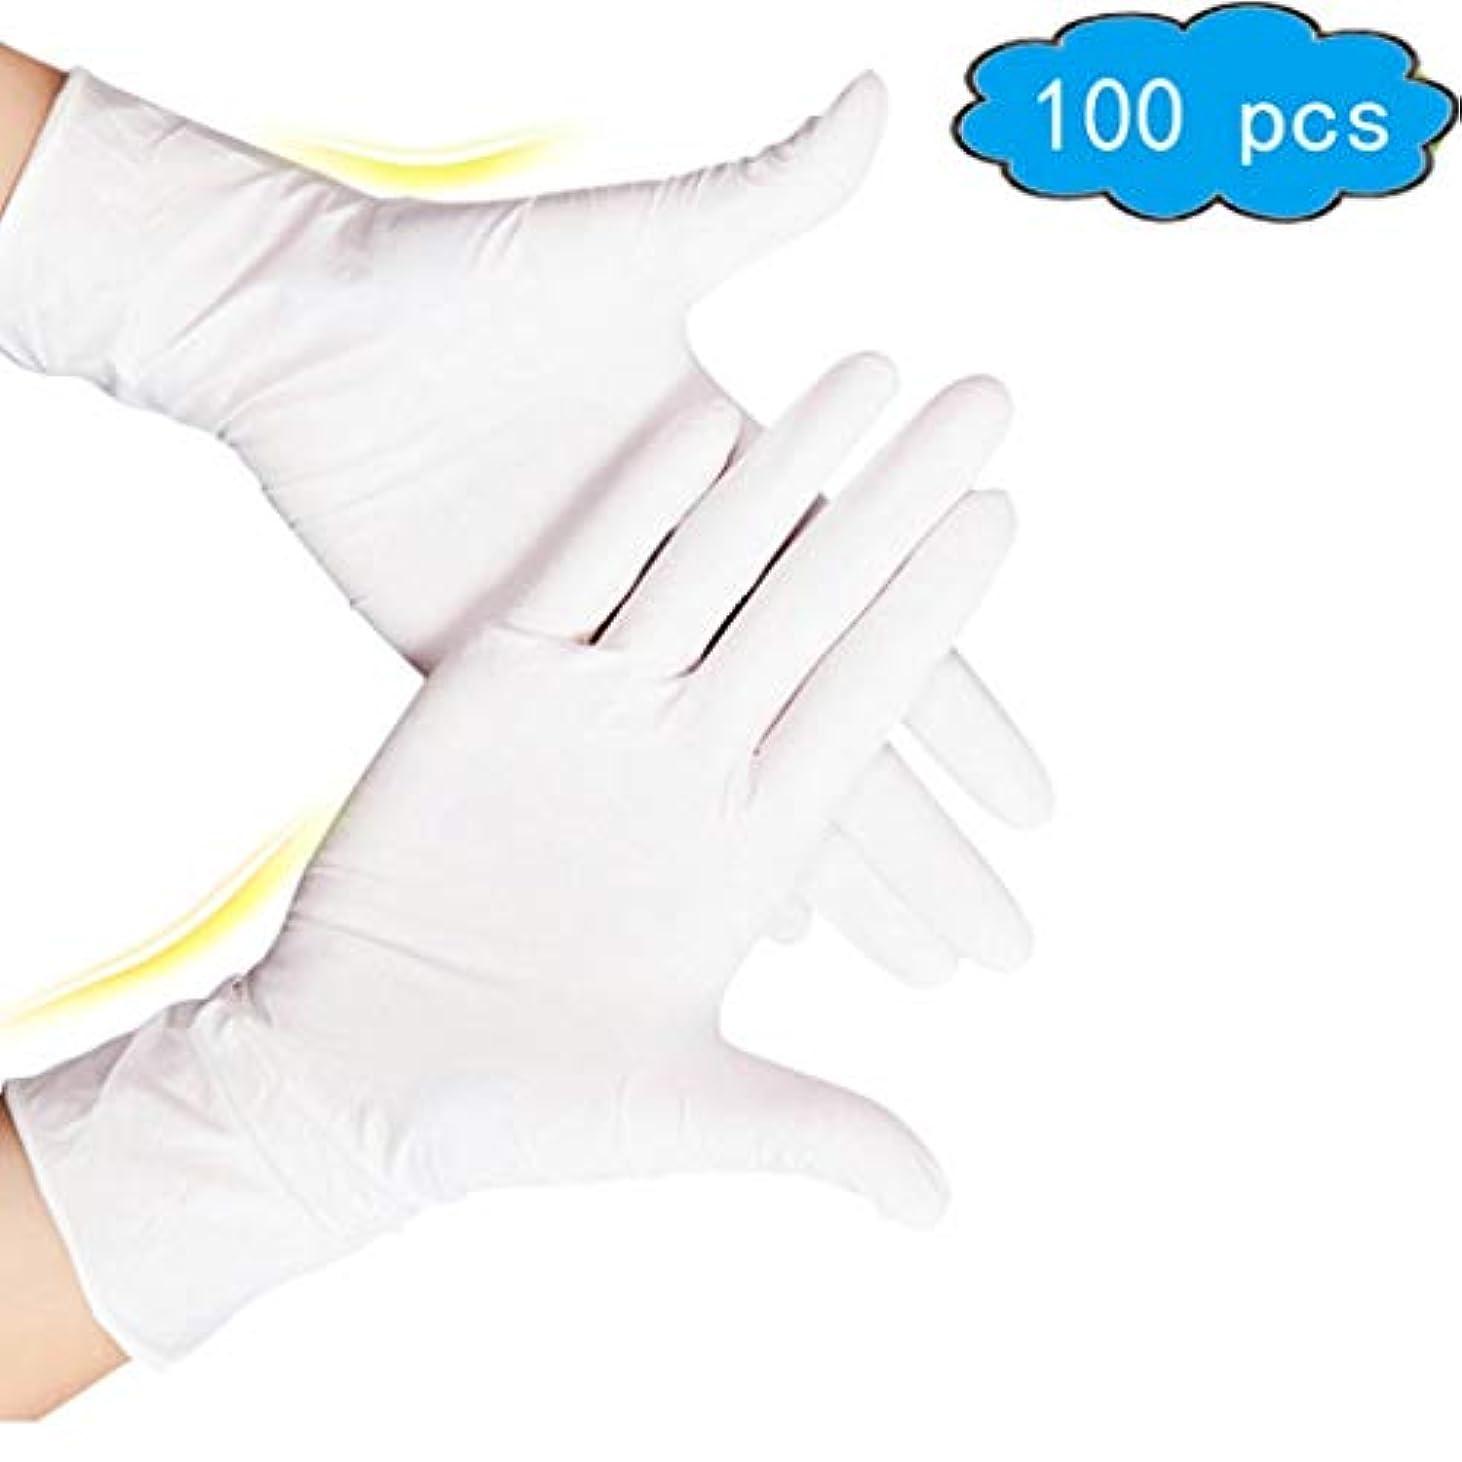 柱研究所センチメートル使い捨てニトリル手袋、ノーパウダー、ラテックスアレルギー対策済みの多機能ヘビーデューティスーパーストロング、手袋を清掃、食品グレードキッチン手袋(100箱)、衛生手袋、応急処置用品 (Color : White, Size...